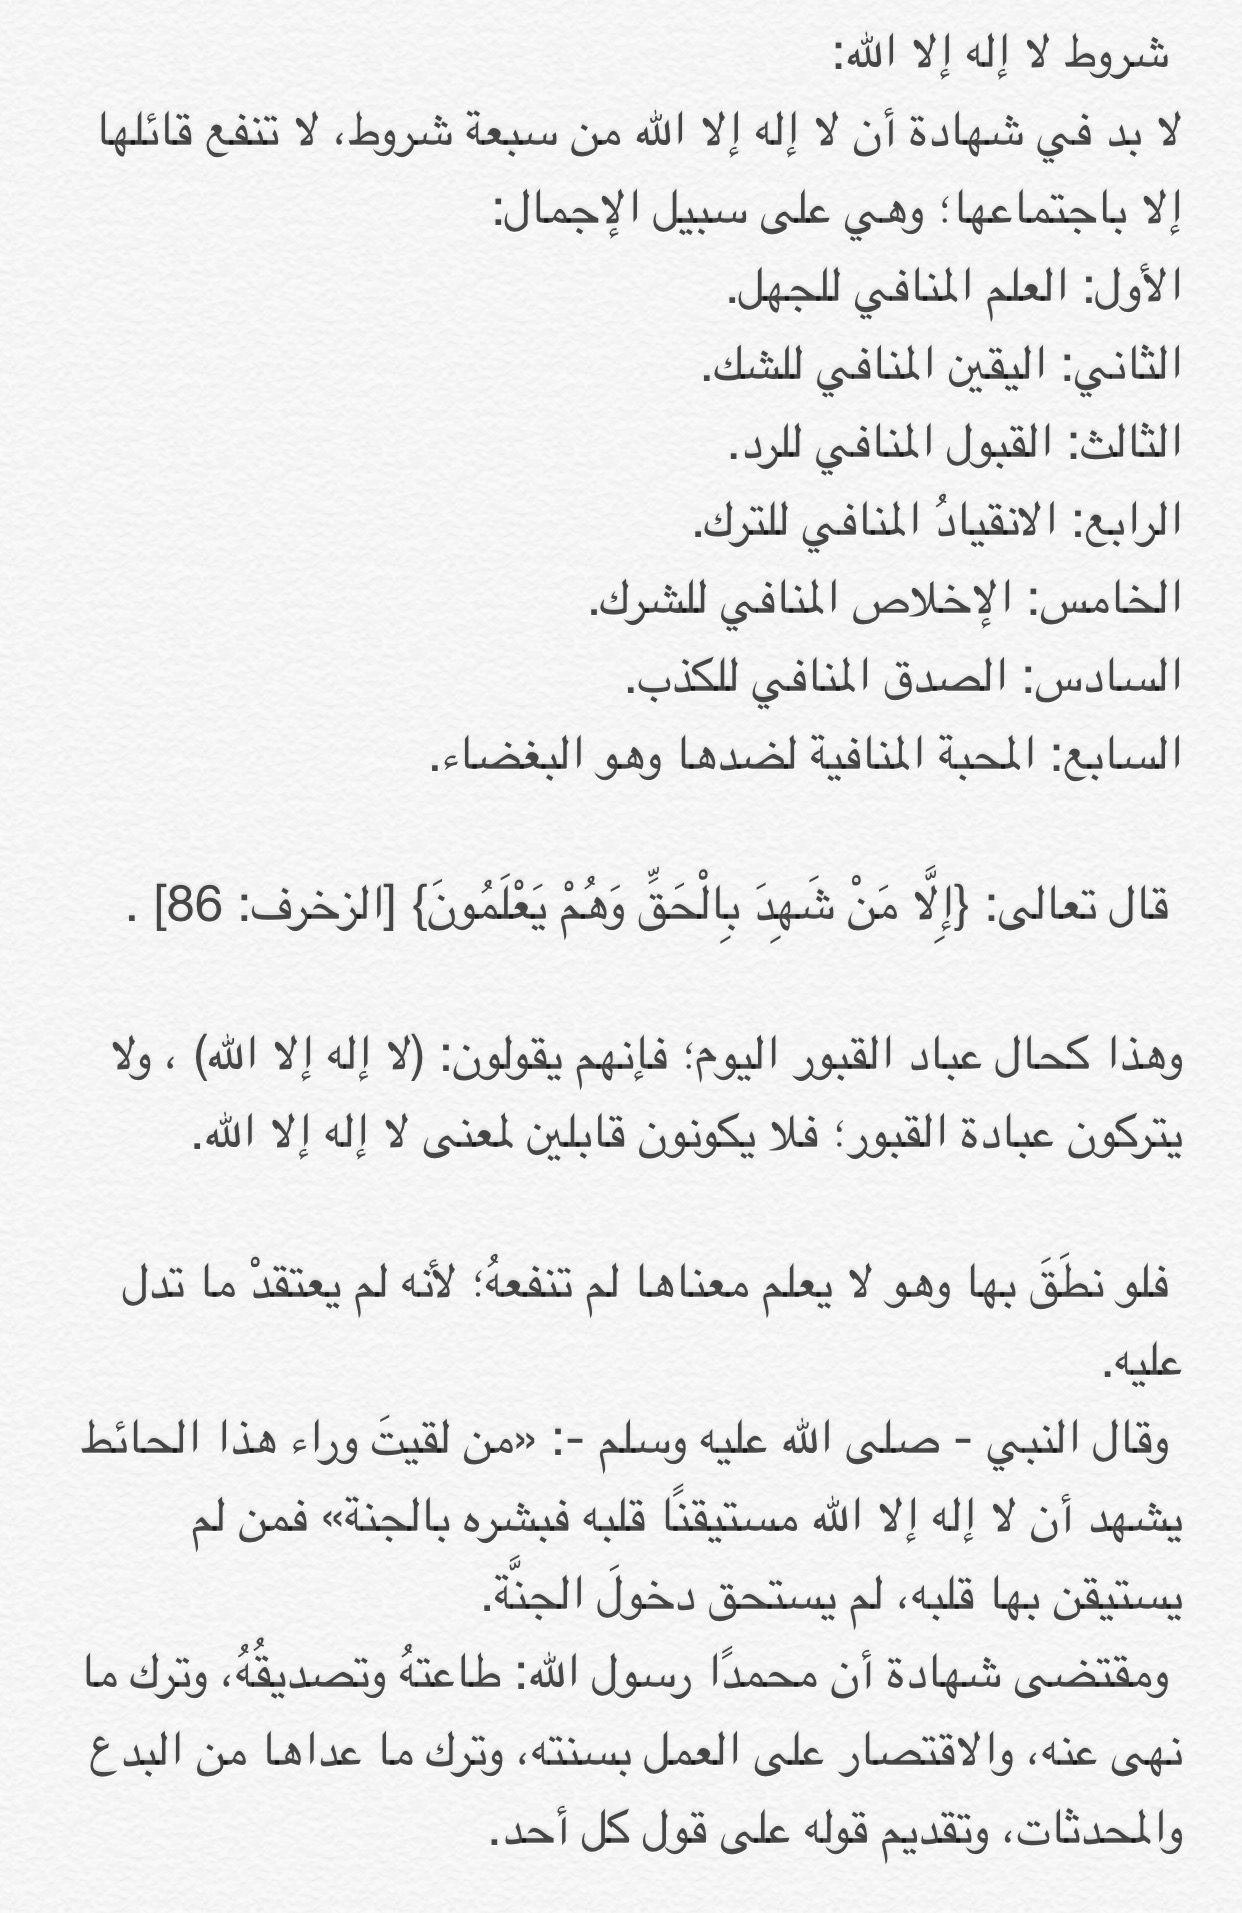 Pin By Sema Ezak On Islam Quran Islam Quran Quran Islam